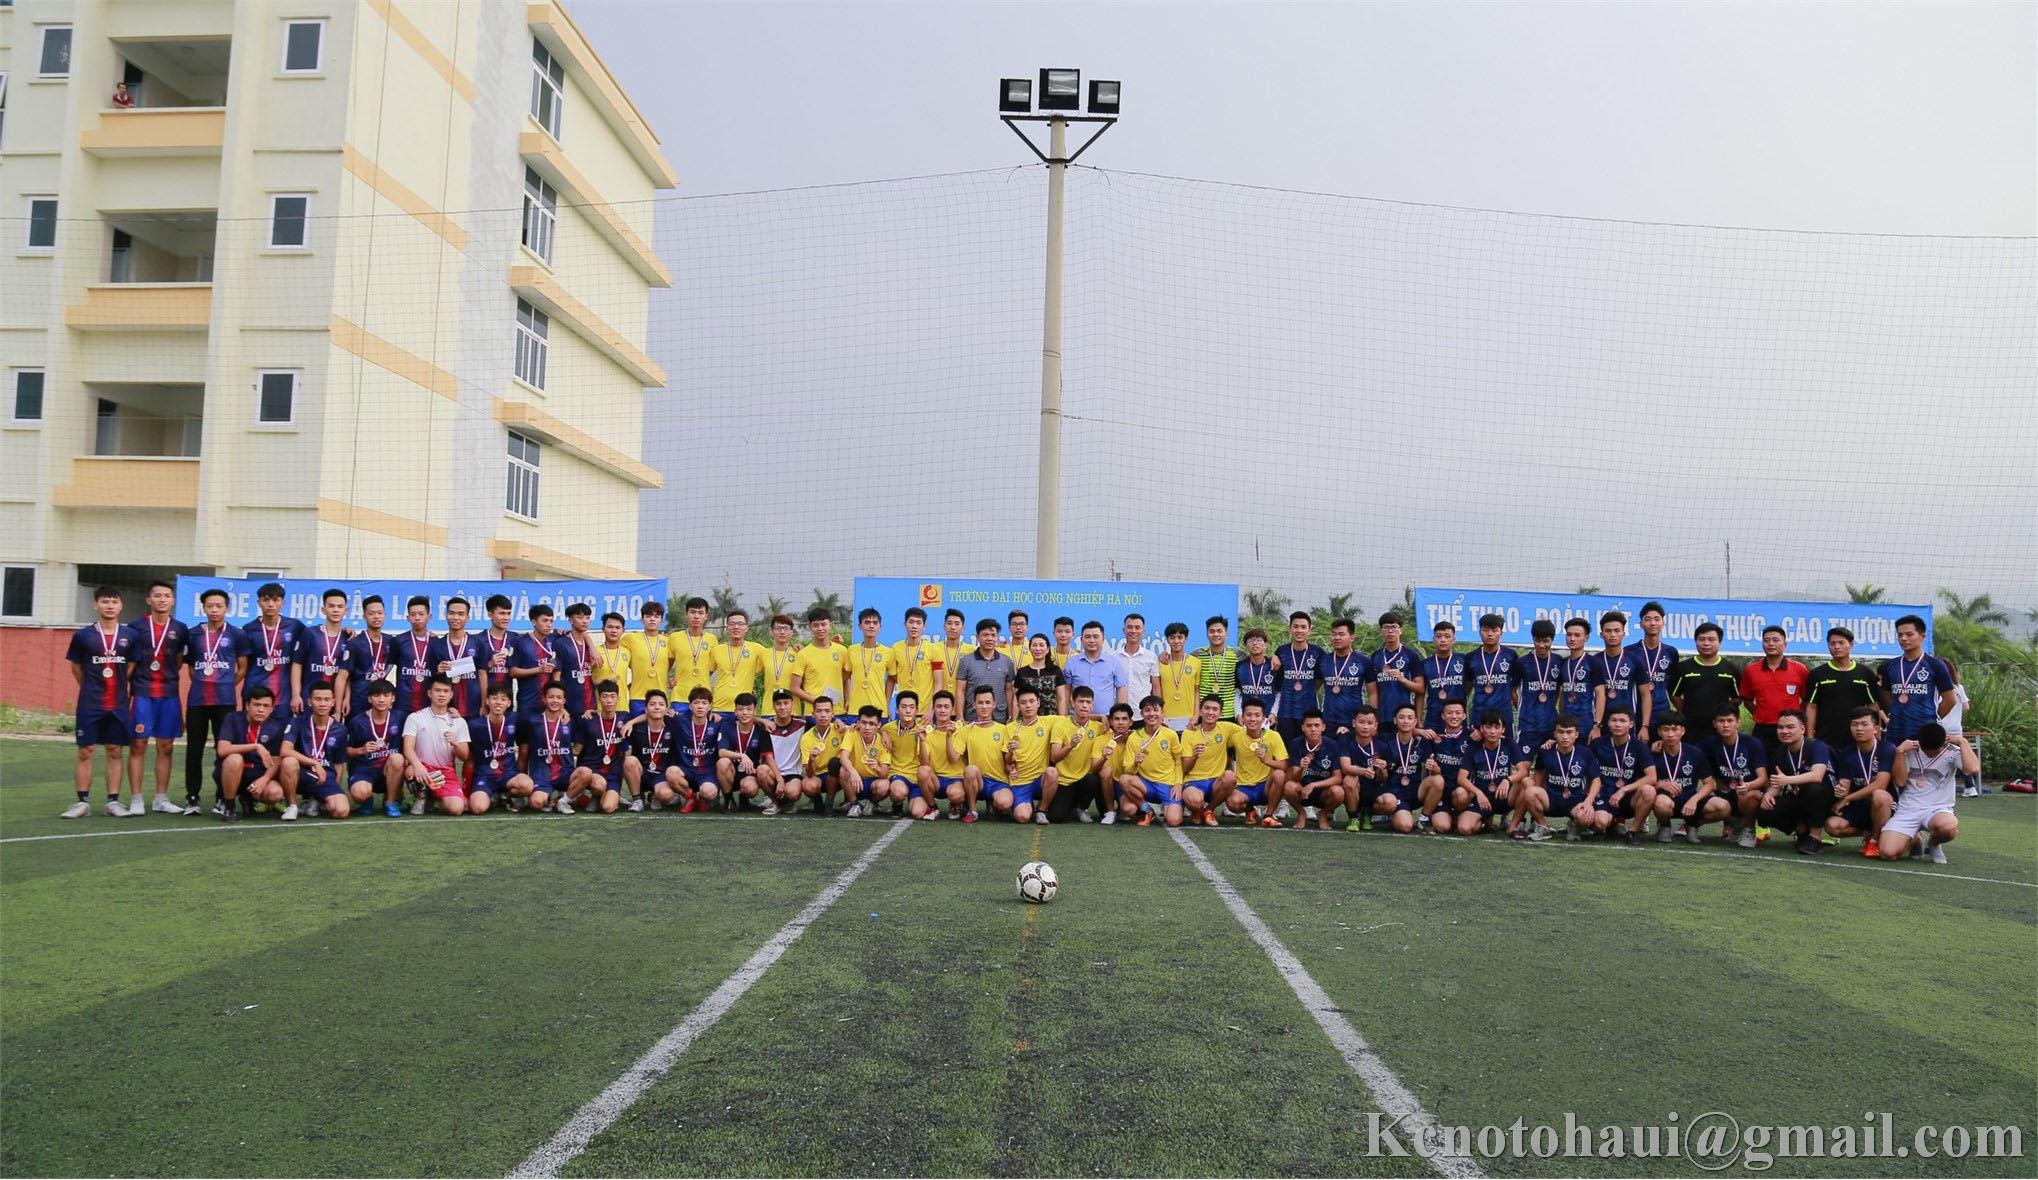 Đội tuyển bóng đá Khoa Công nghệ ô tô đăng quang tại giải bóng đá Nam học sinh sinh viên trường Đại học công nghiệp Hà Nội năm 2019